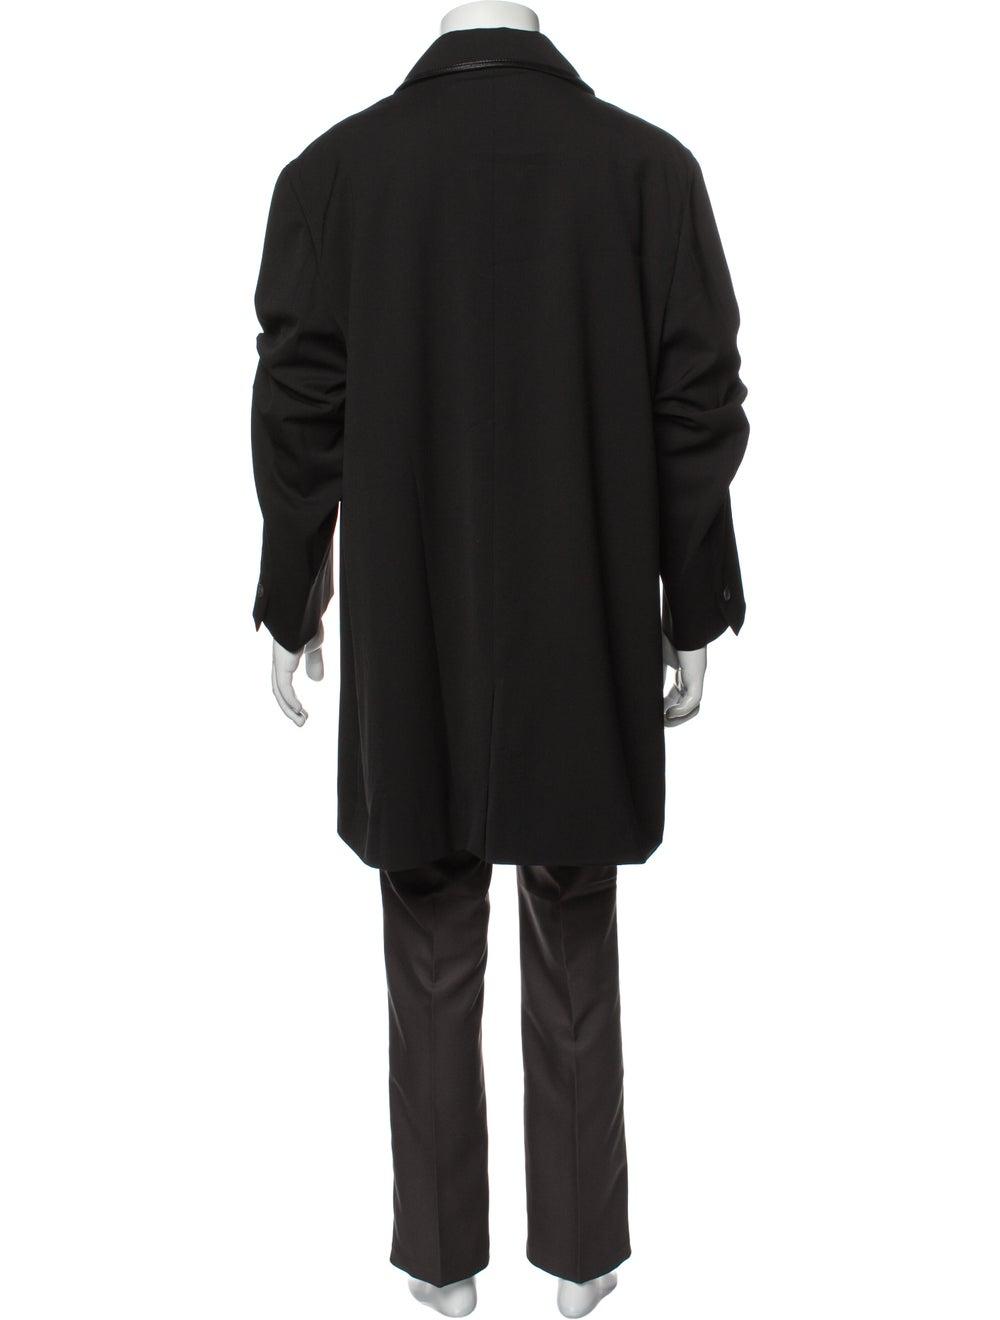 Gianni Versace Overcoat Black - image 3